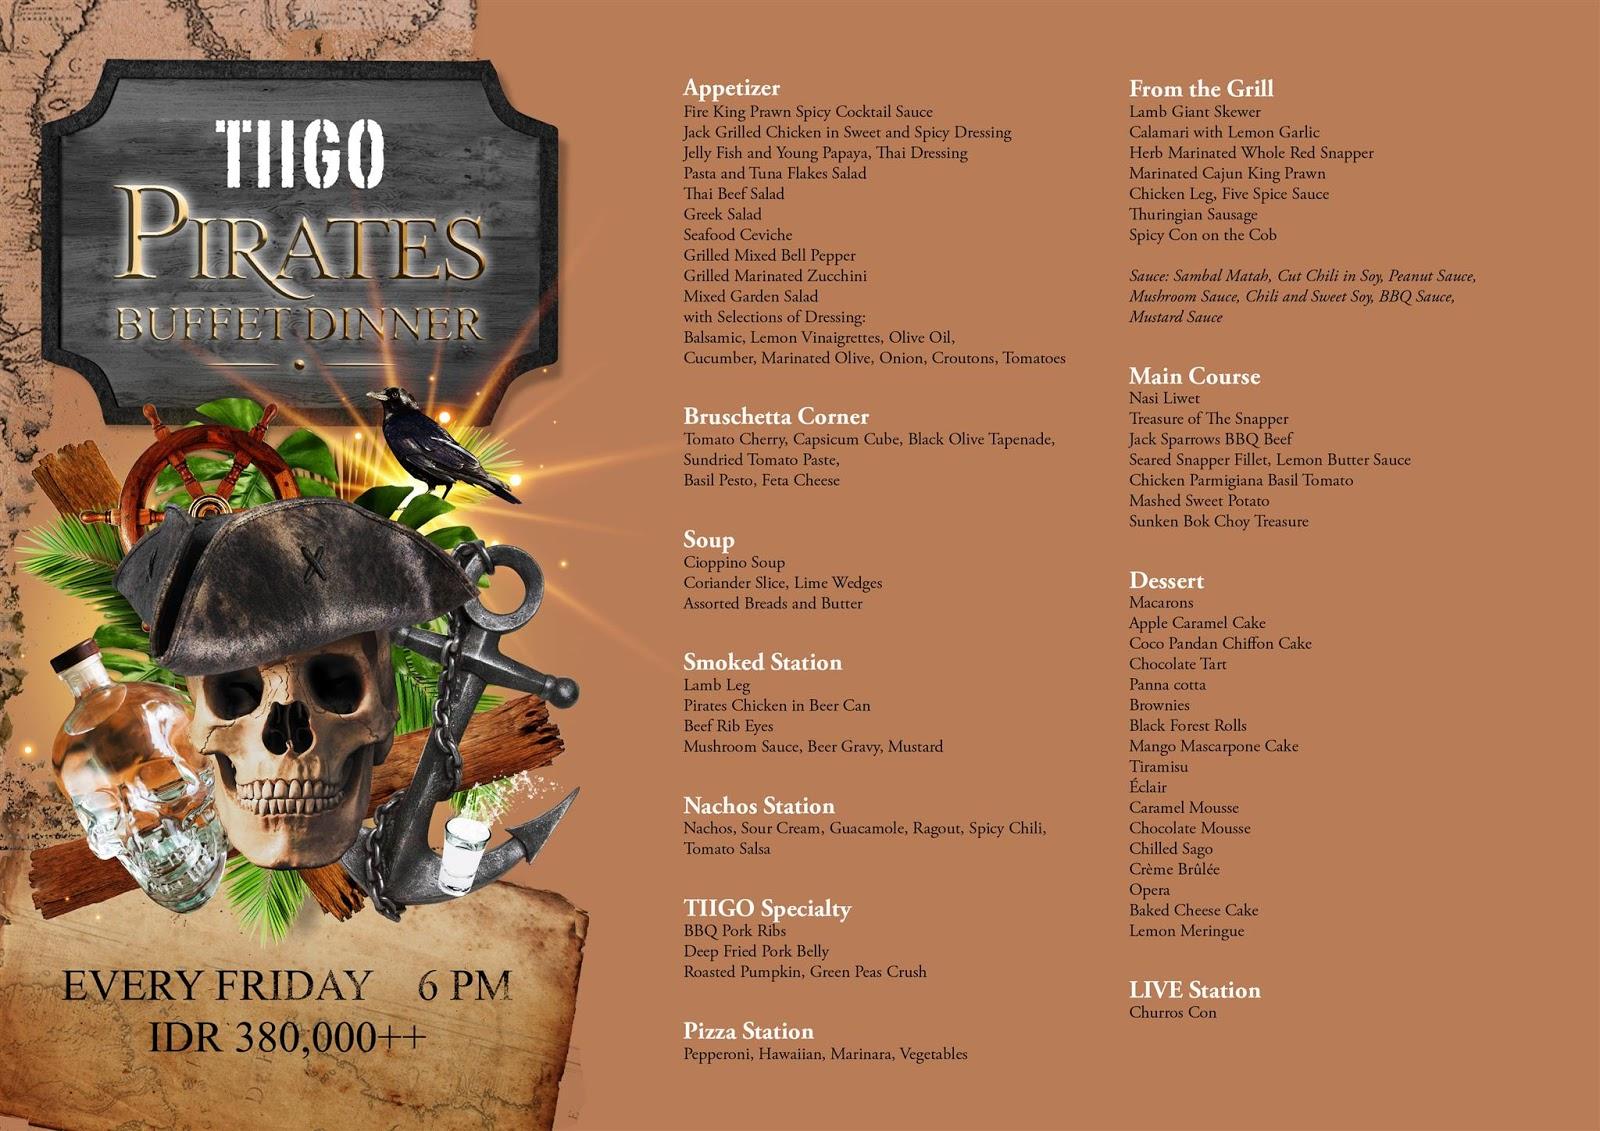 Tiigo Pirates BBQ Night Every Friday at Montigo Resort Nongsa